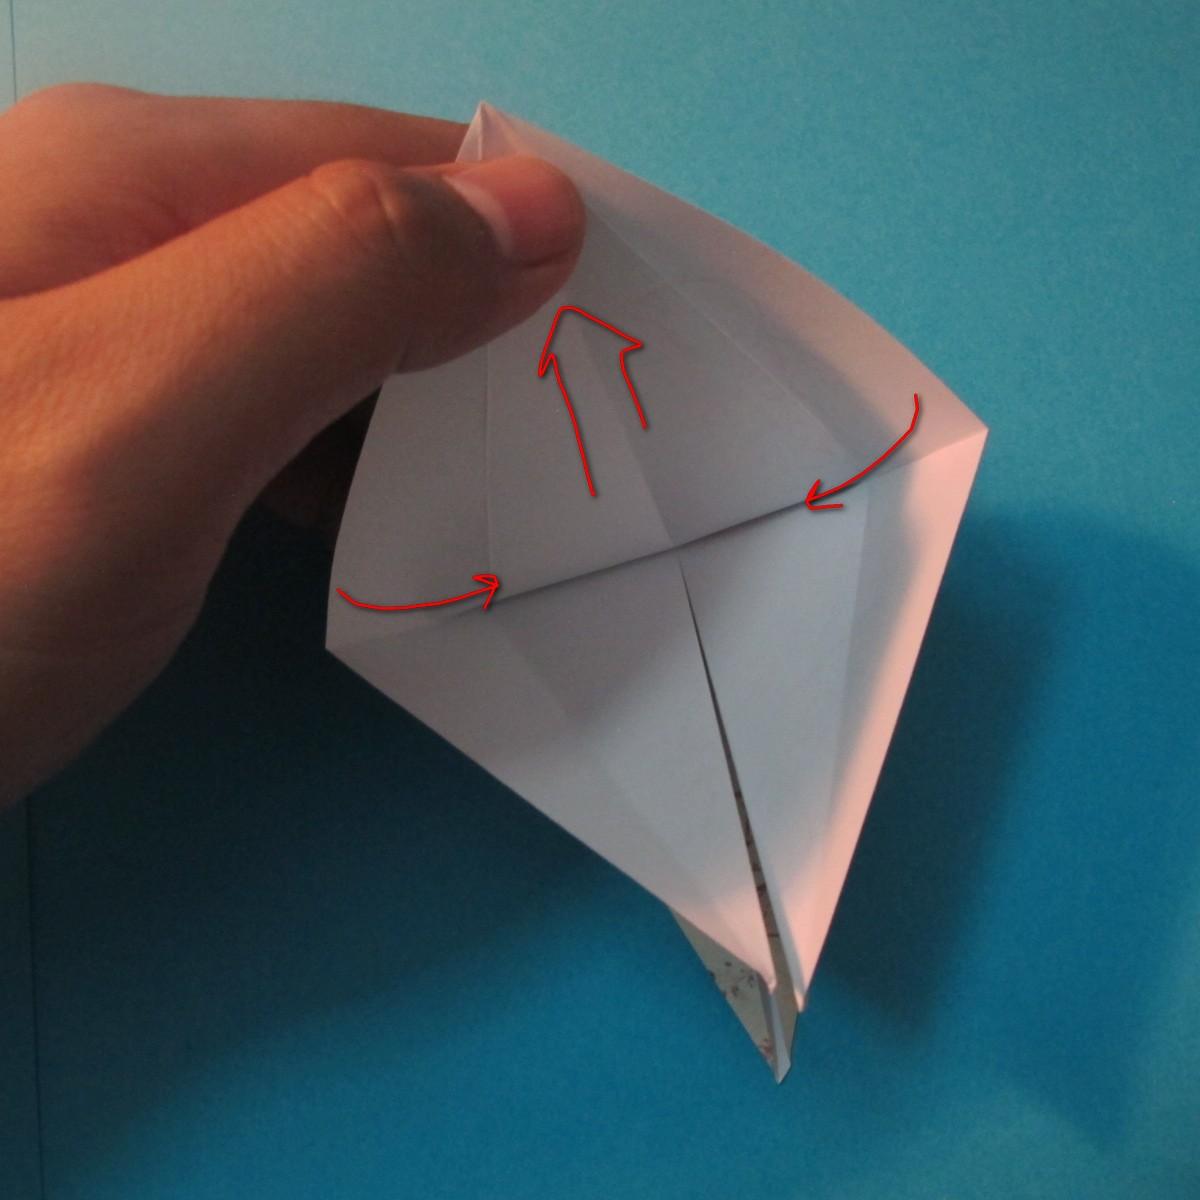 วิธีการพับกระดาษเป็นดาวสี่แฉก 012